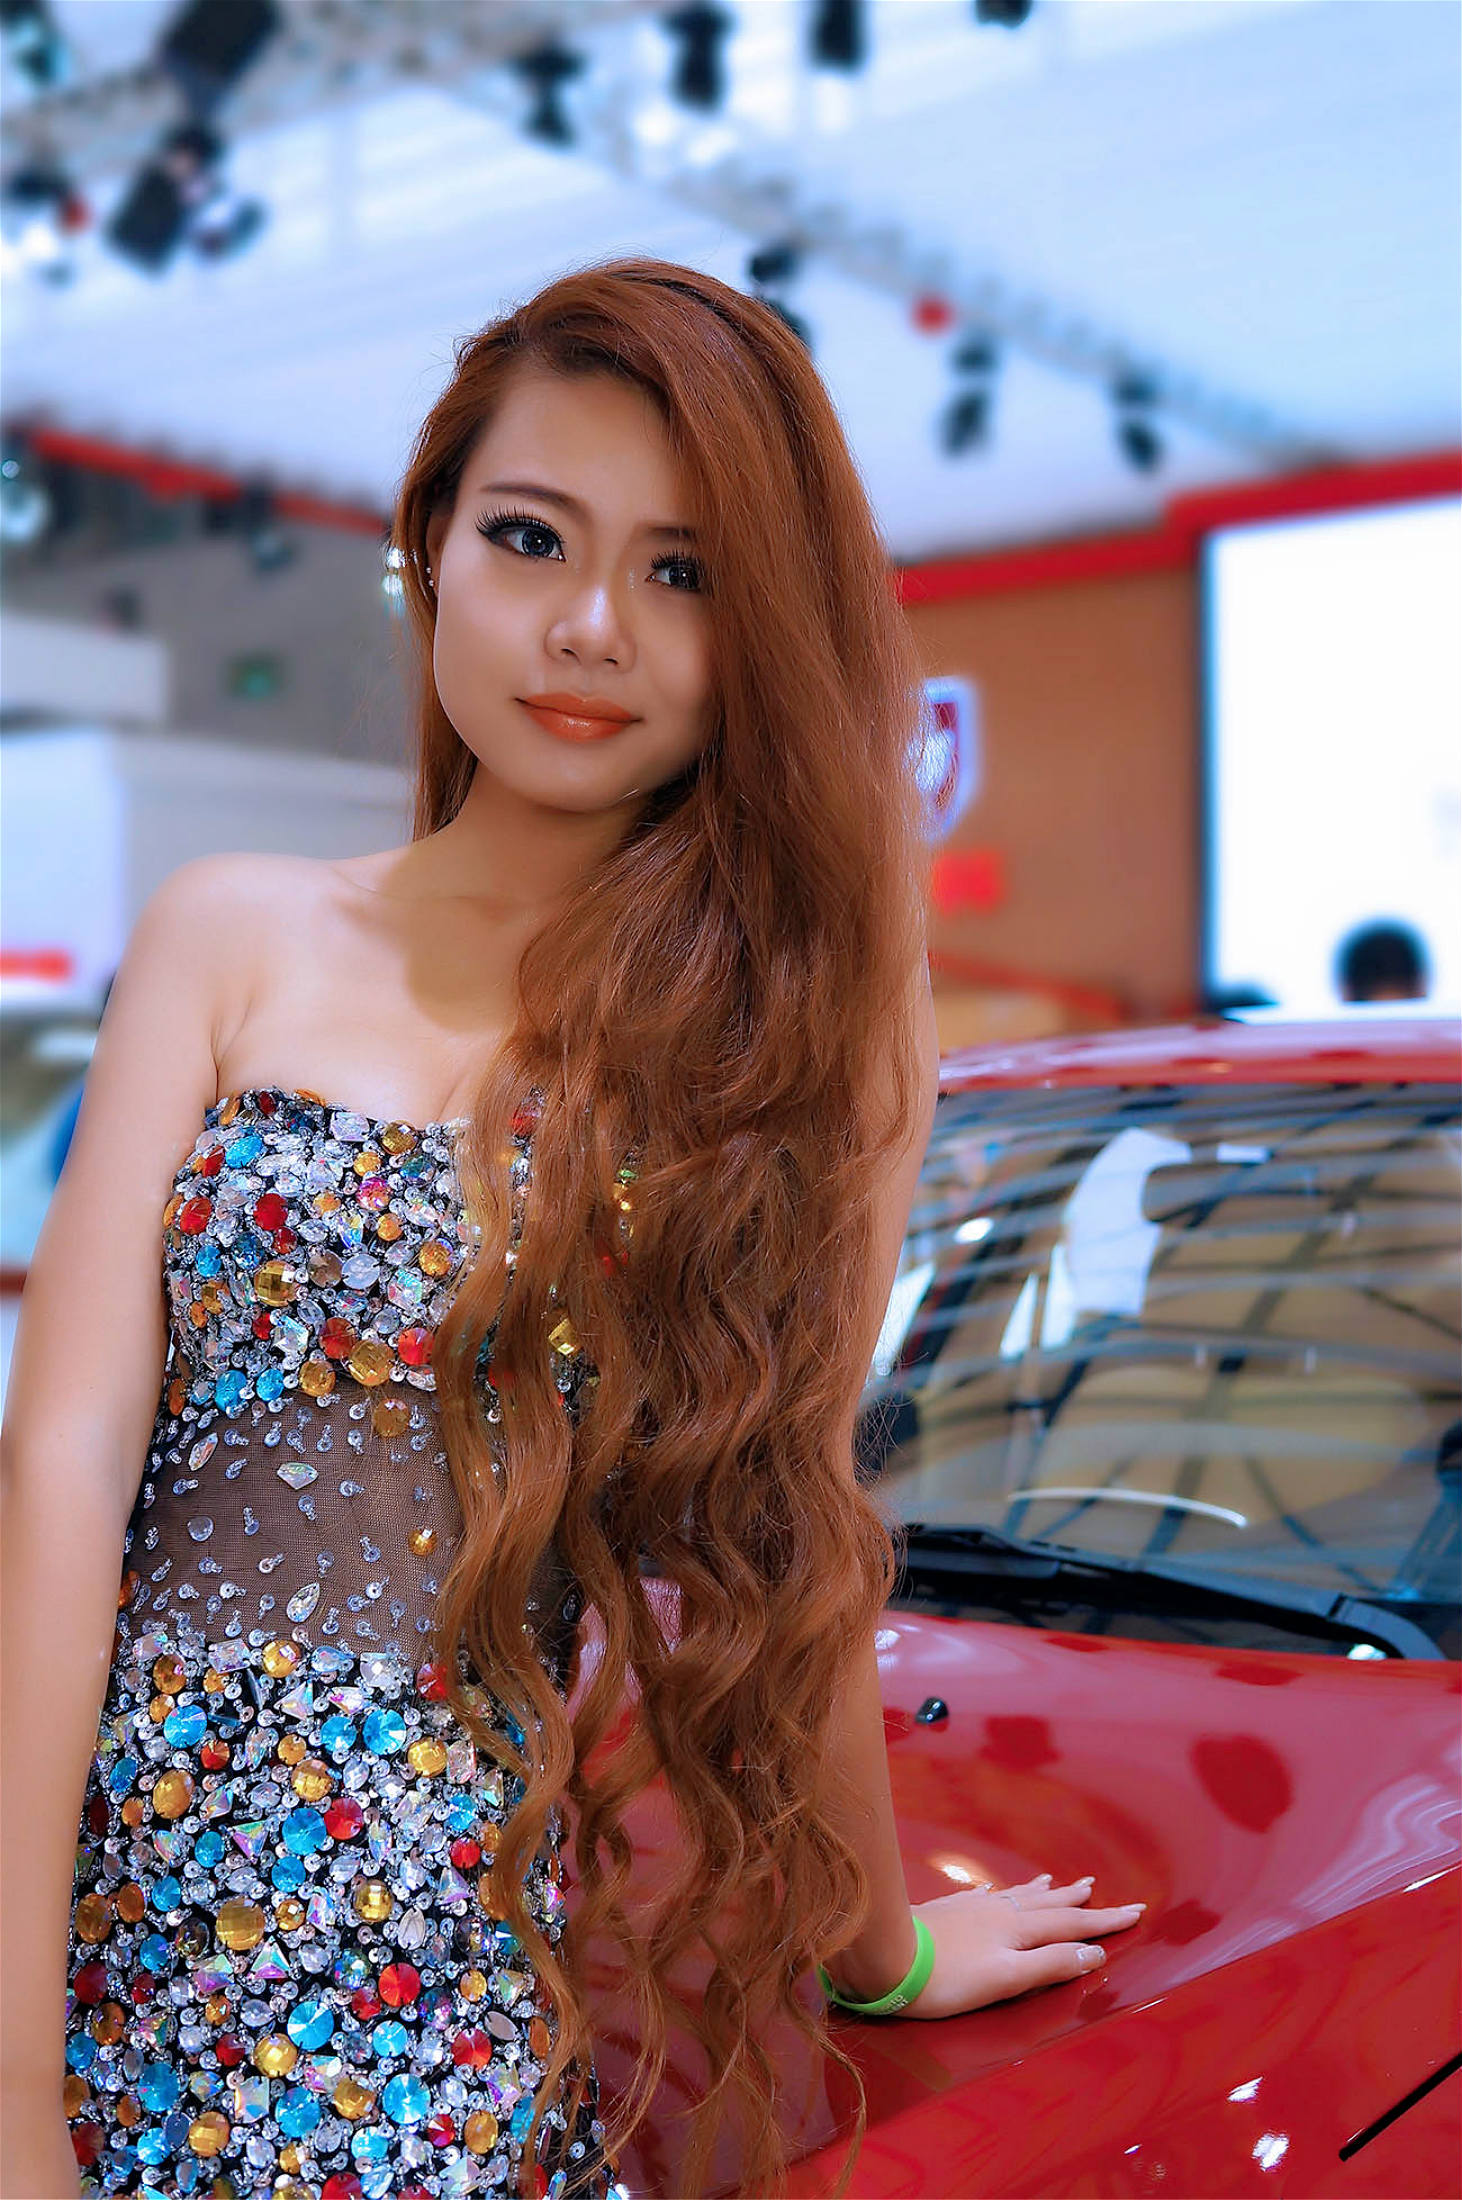 清新车模不仅仅是漂亮 - 青梅酒女 - 青梅酒女的博客